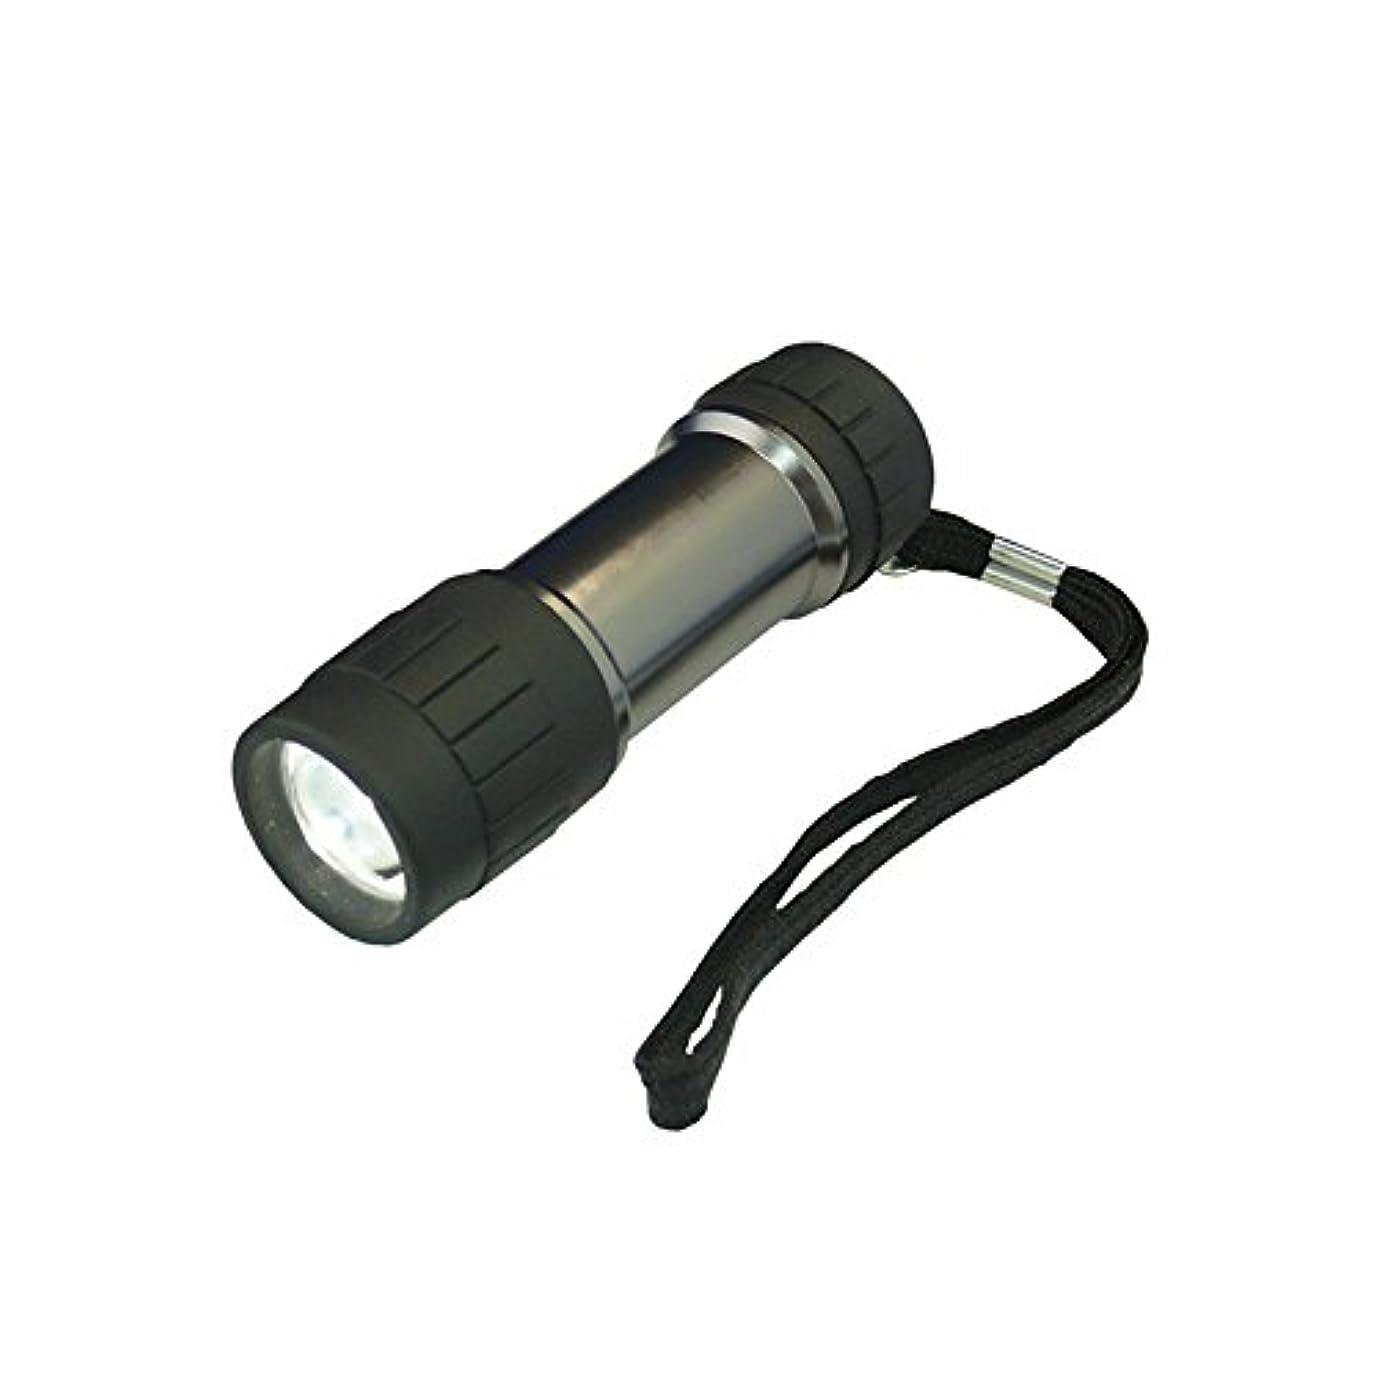 権限花嫁何十人もコンテック(kontec) LEDパワーハンドライト 0.5W 白色?風神 SE-11